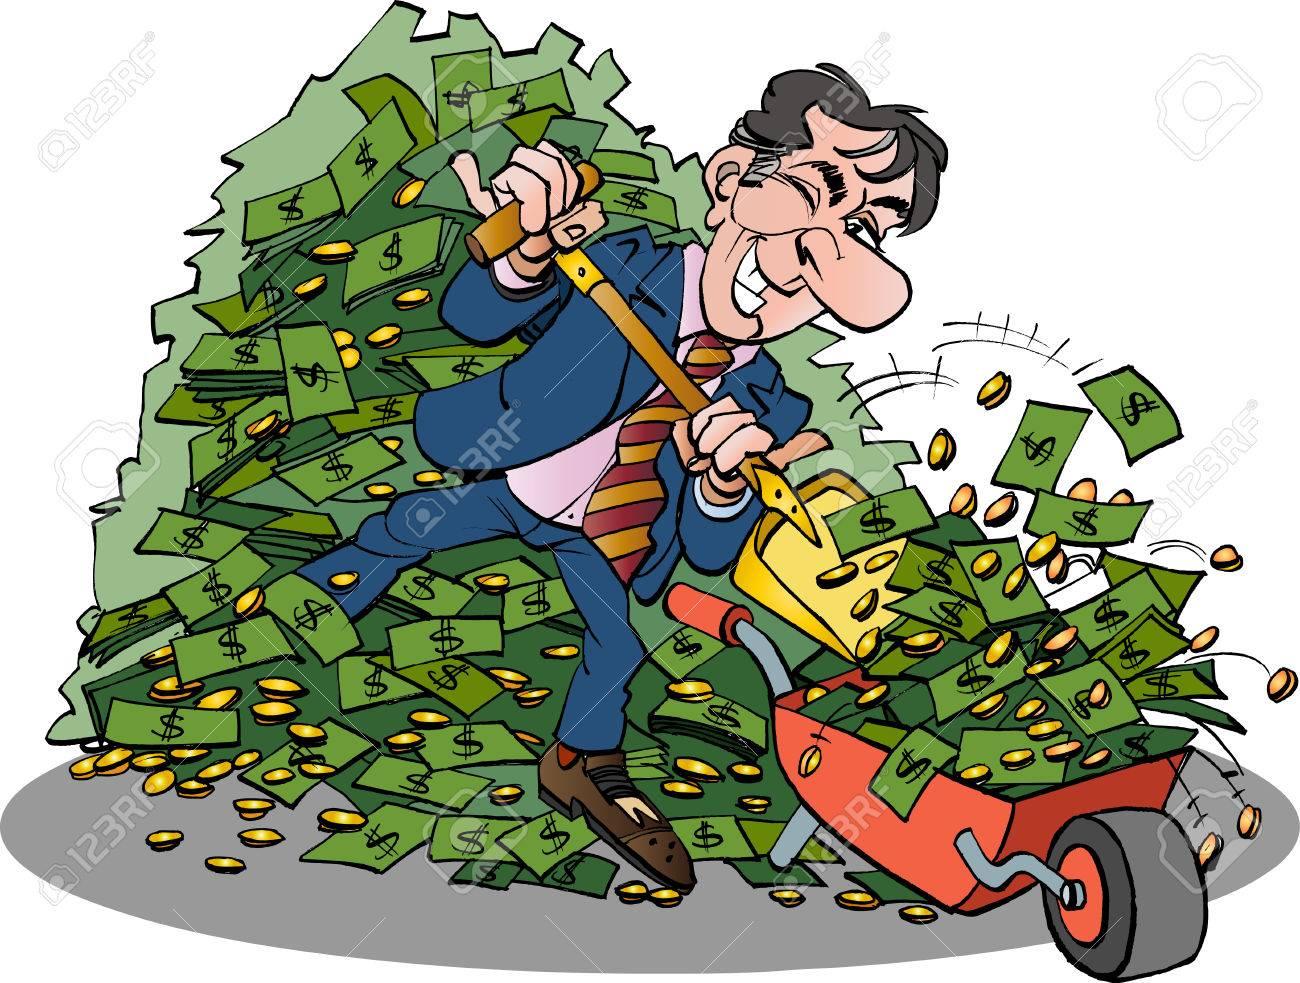 Vector Ilustración De Dibujos Animados De Un Gerente Con El Dinero Muy Fácil